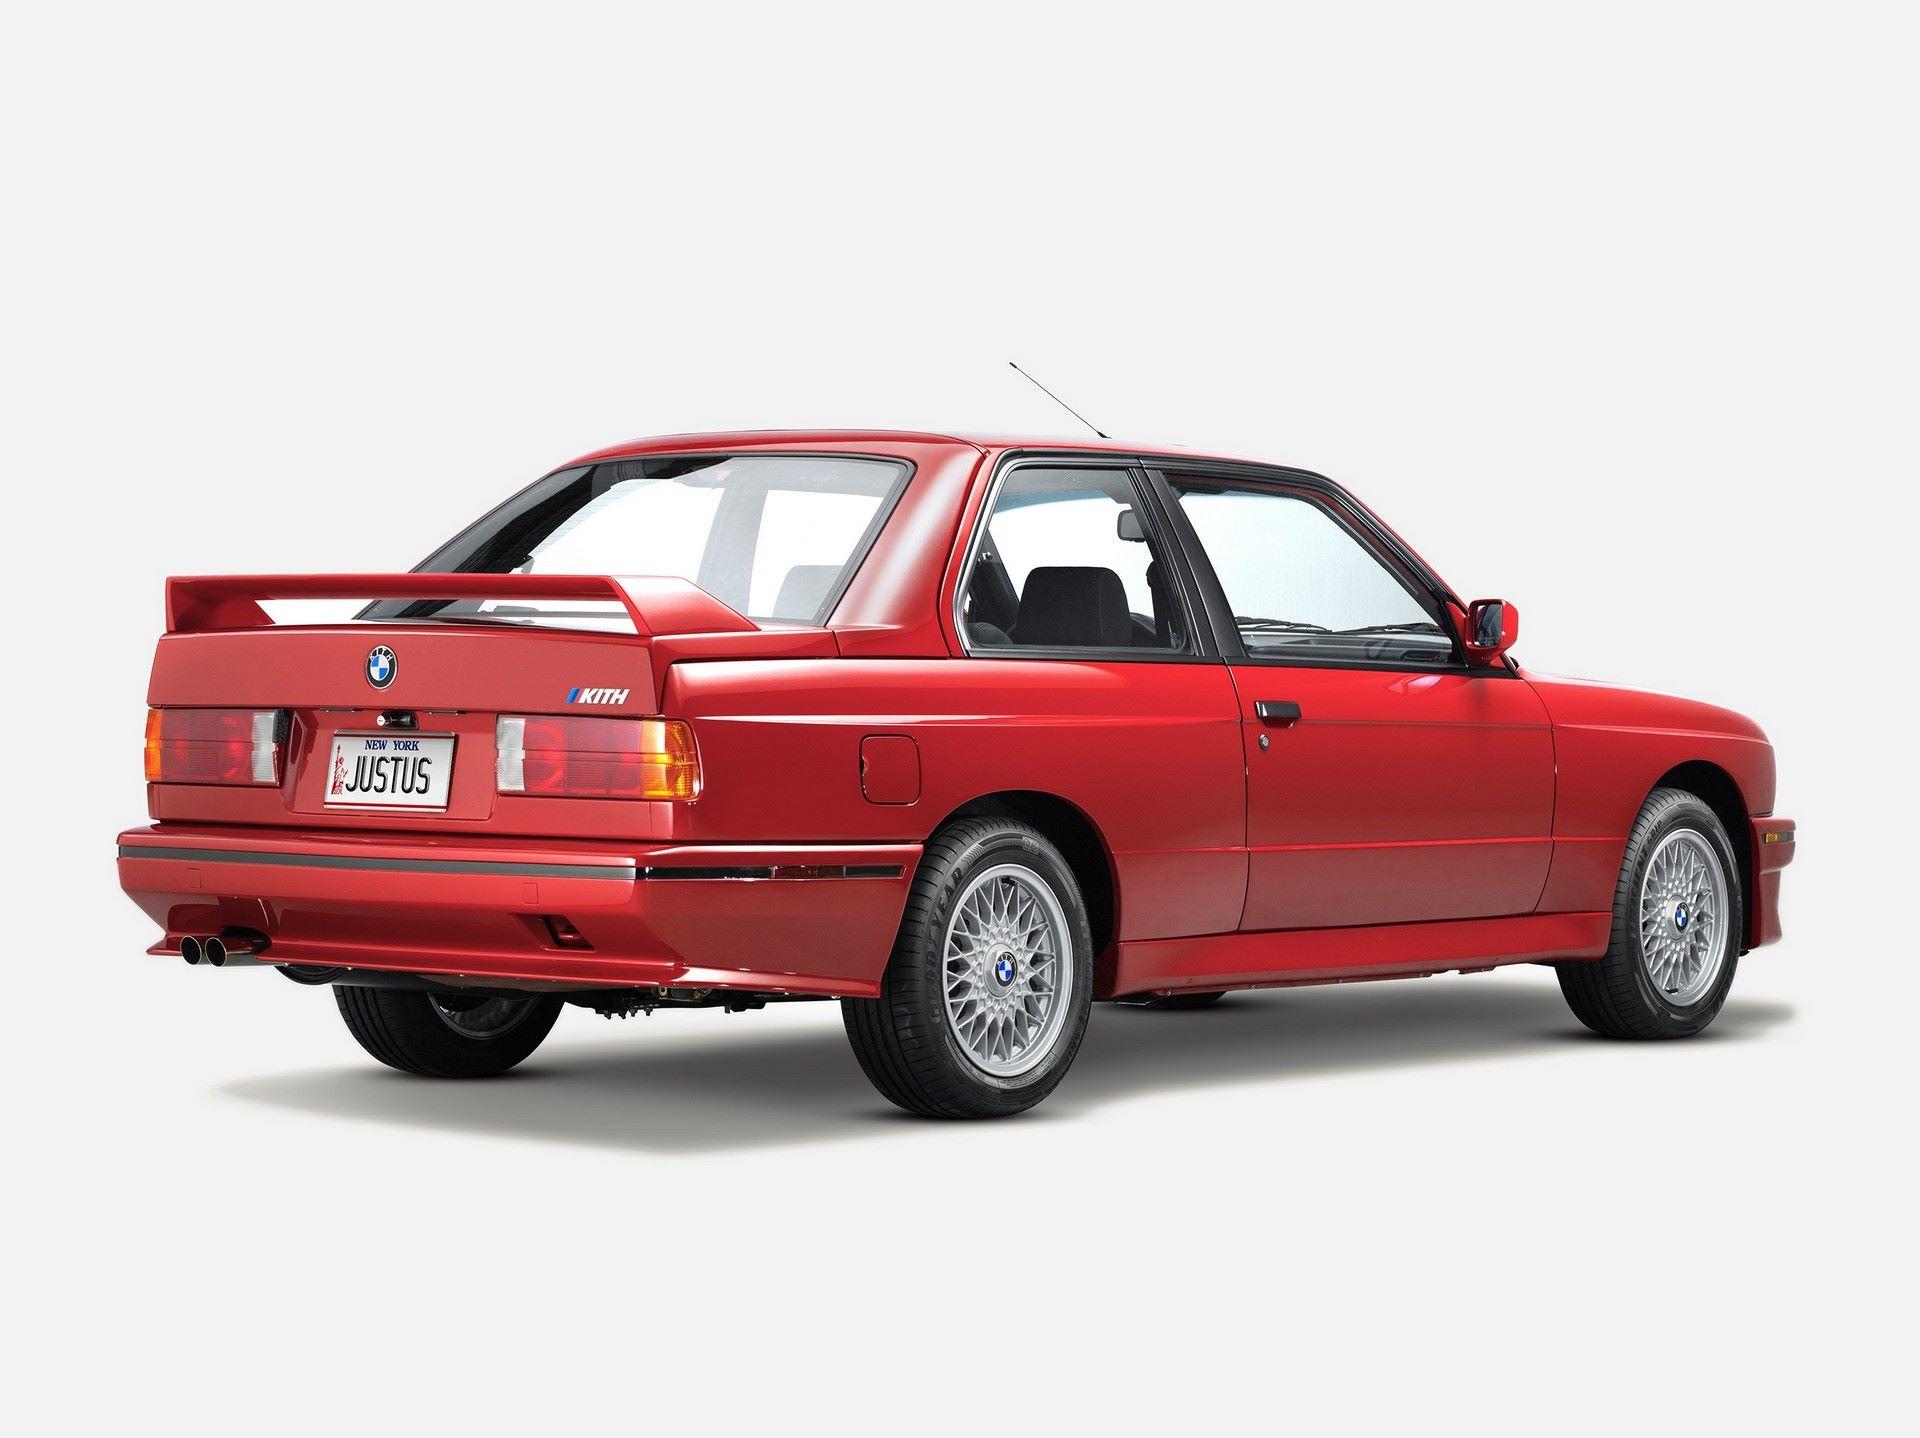 BMW-M3-E30-Ronnie-Fieg-Edition-και-M4-Kith-Concept-10